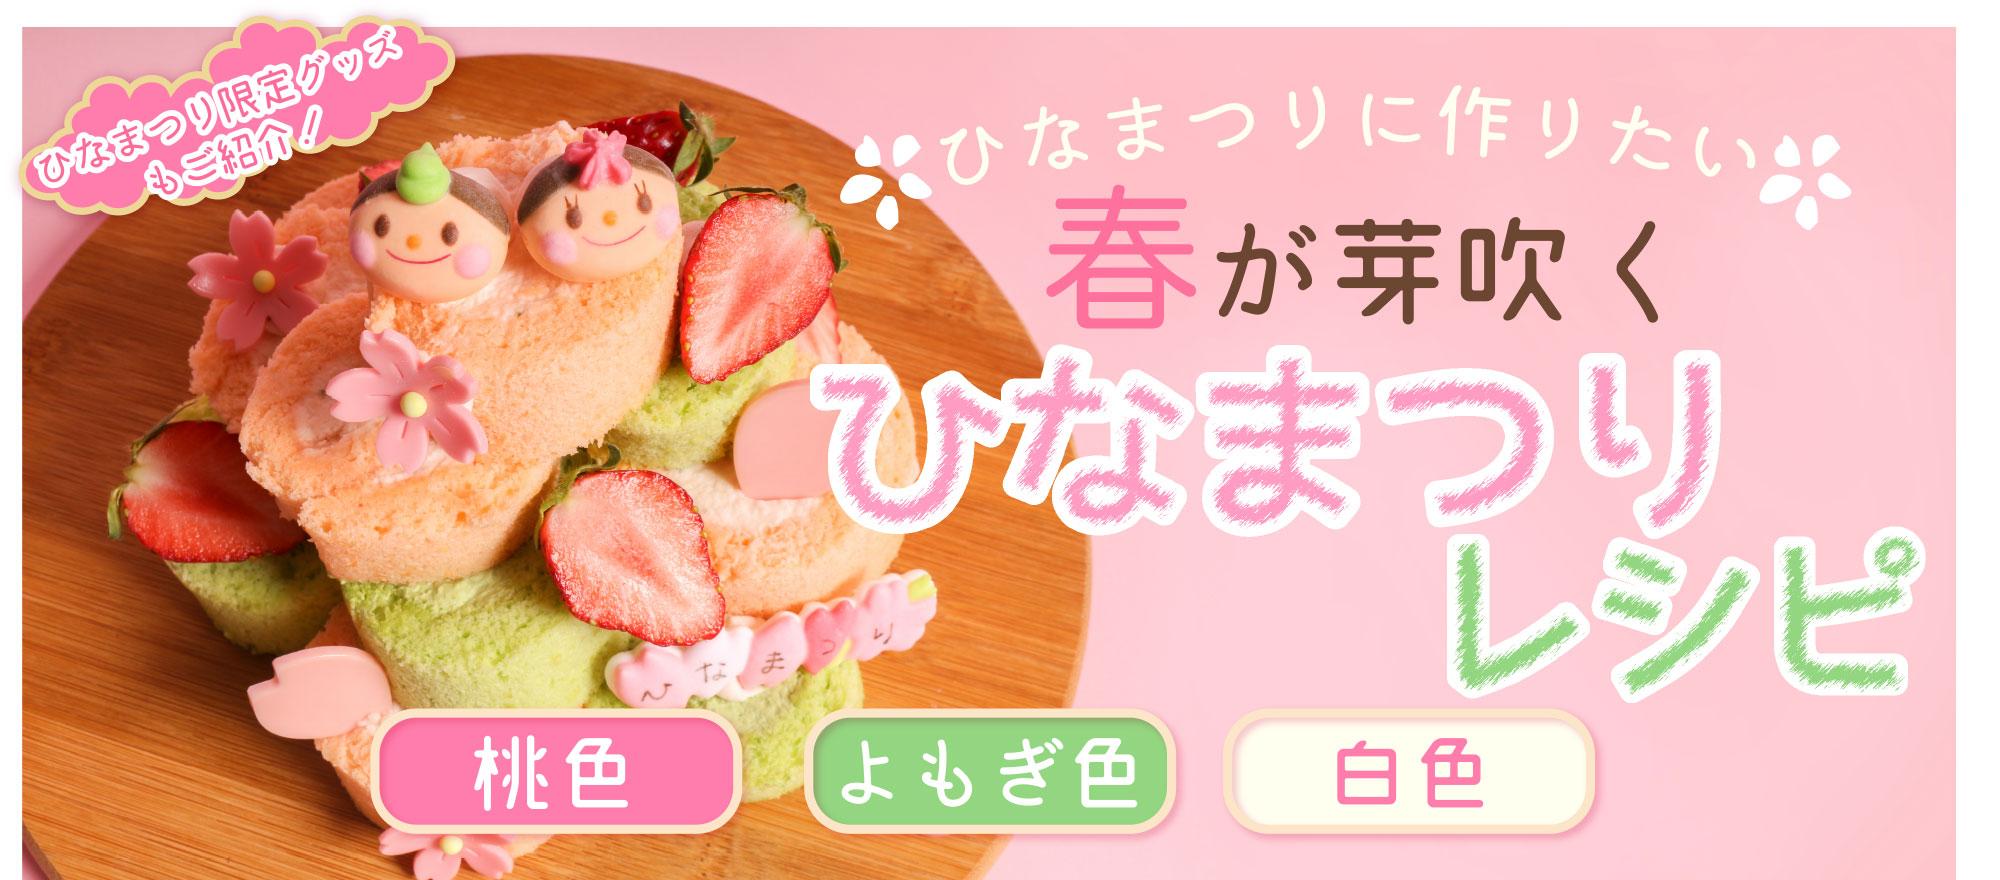 ひなまつりに作りたい三色レシピ